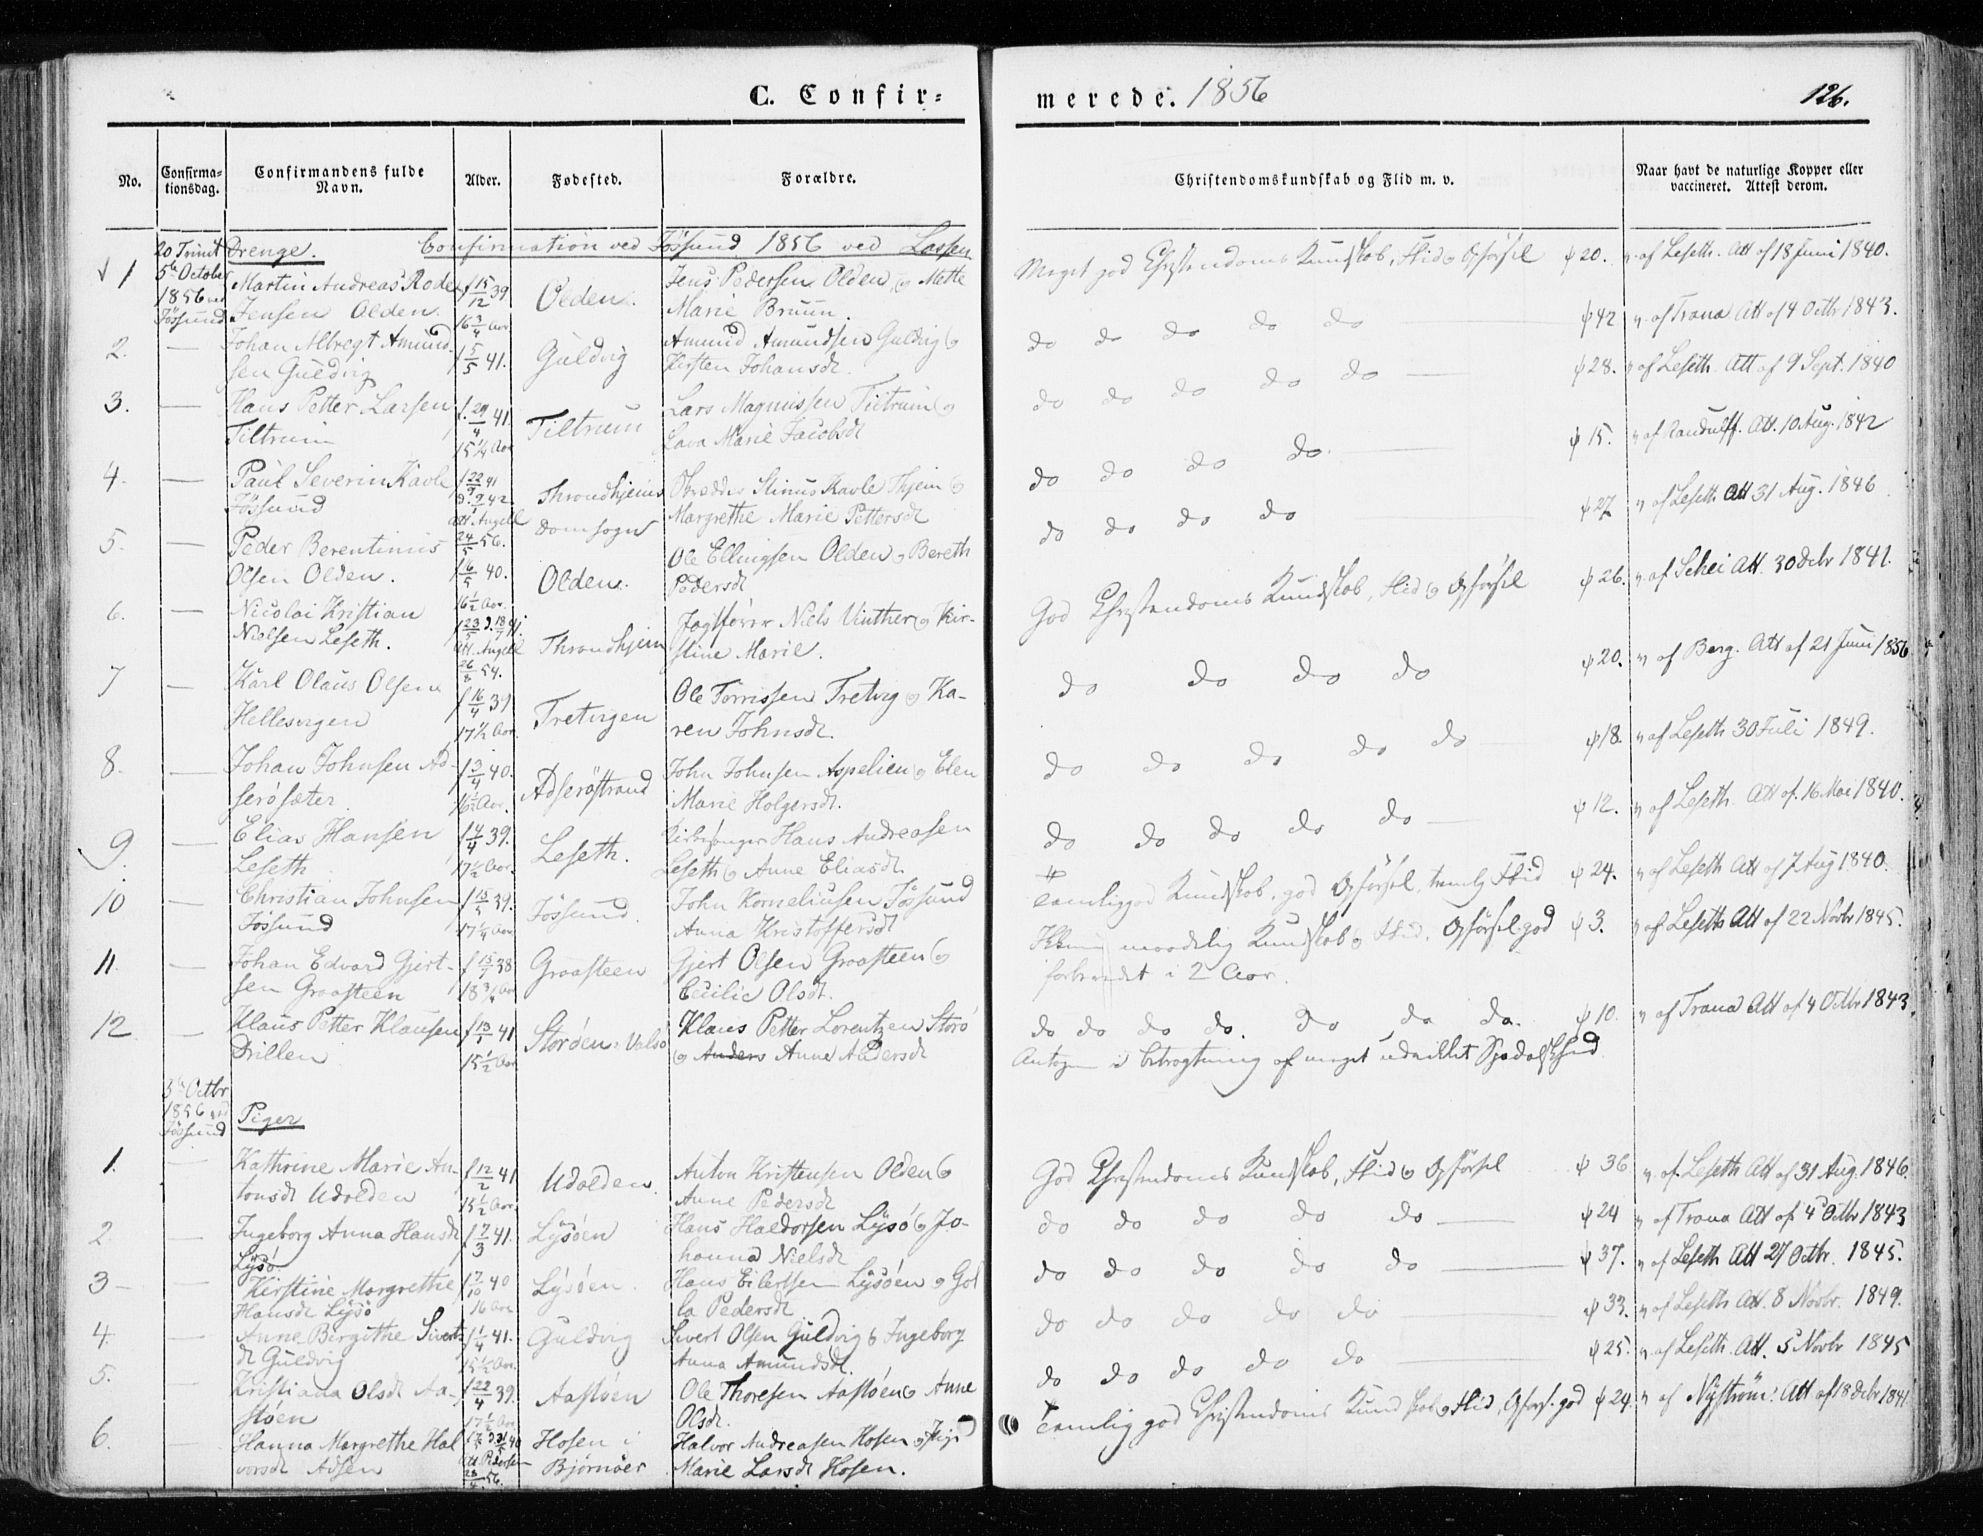 SAT, Ministerialprotokoller, klokkerbøker og fødselsregistre - Sør-Trøndelag, 655/L0677: Ministerialbok nr. 655A06, 1847-1860, s. 126